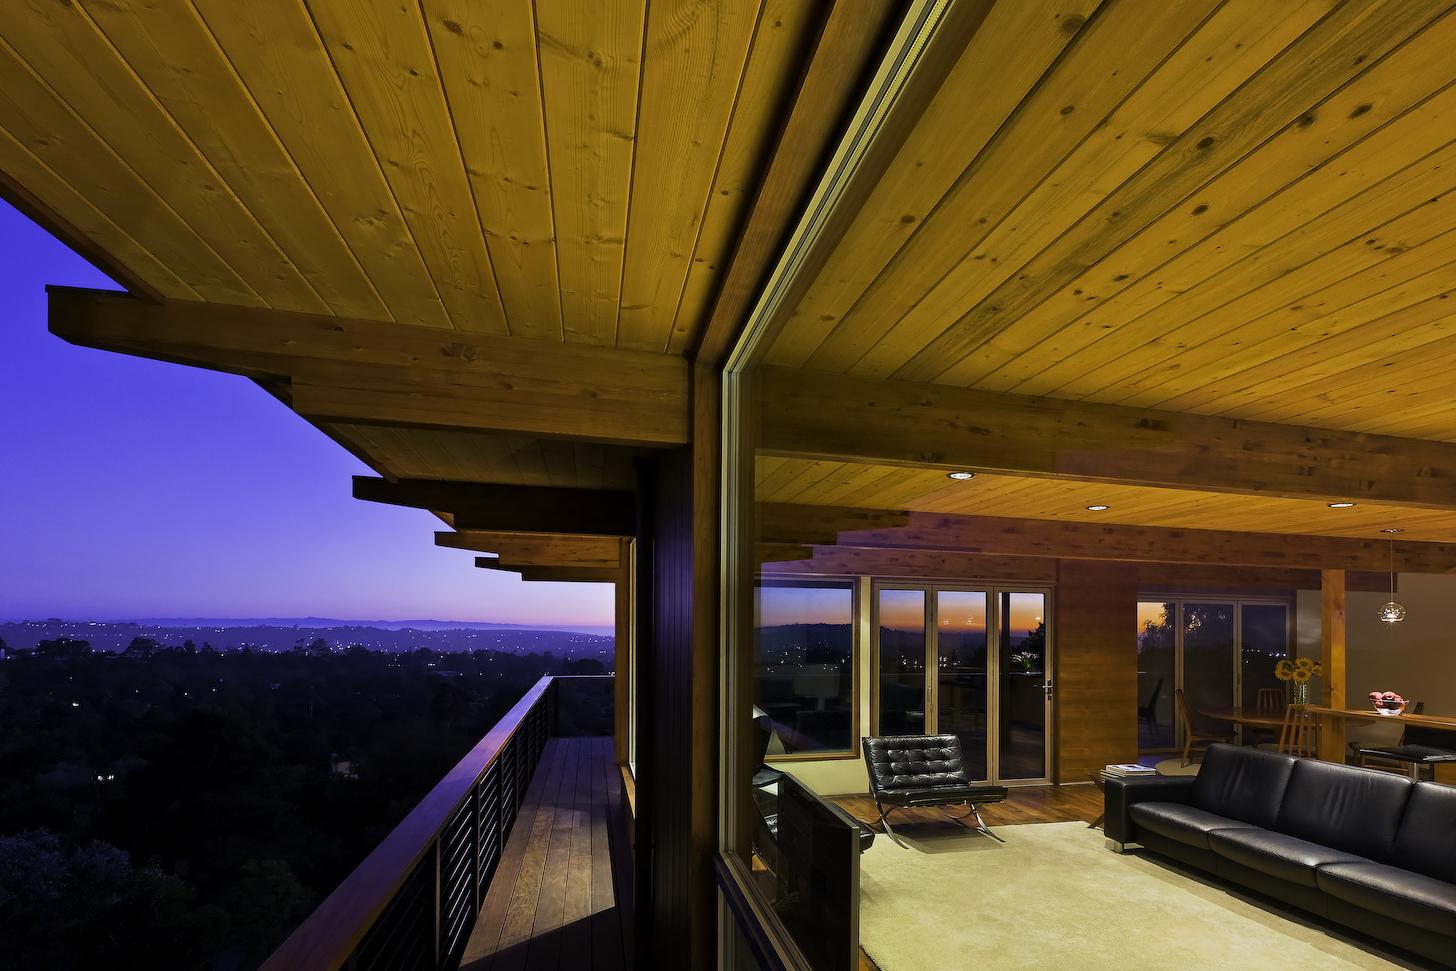 Интерьер дома с деревянным потолком и встроенными светильник.